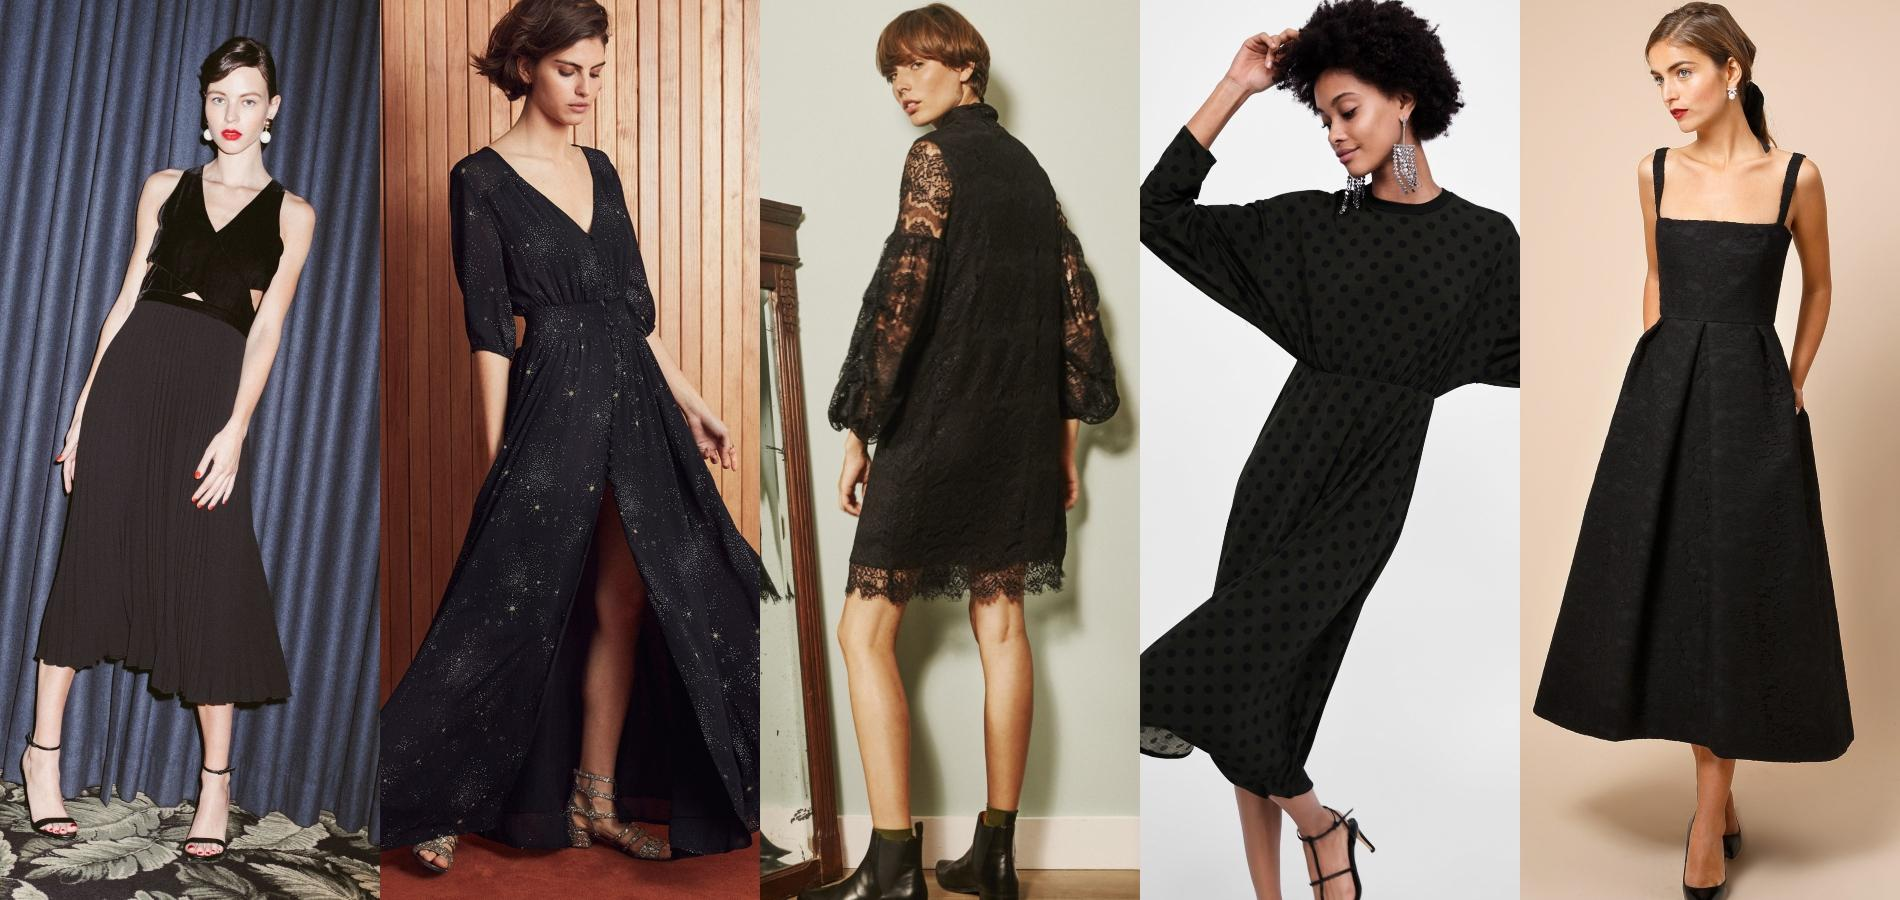 d8ece115690 La robe noire reste un incontournable du dressing féminin. De gauche à  droite   Idano